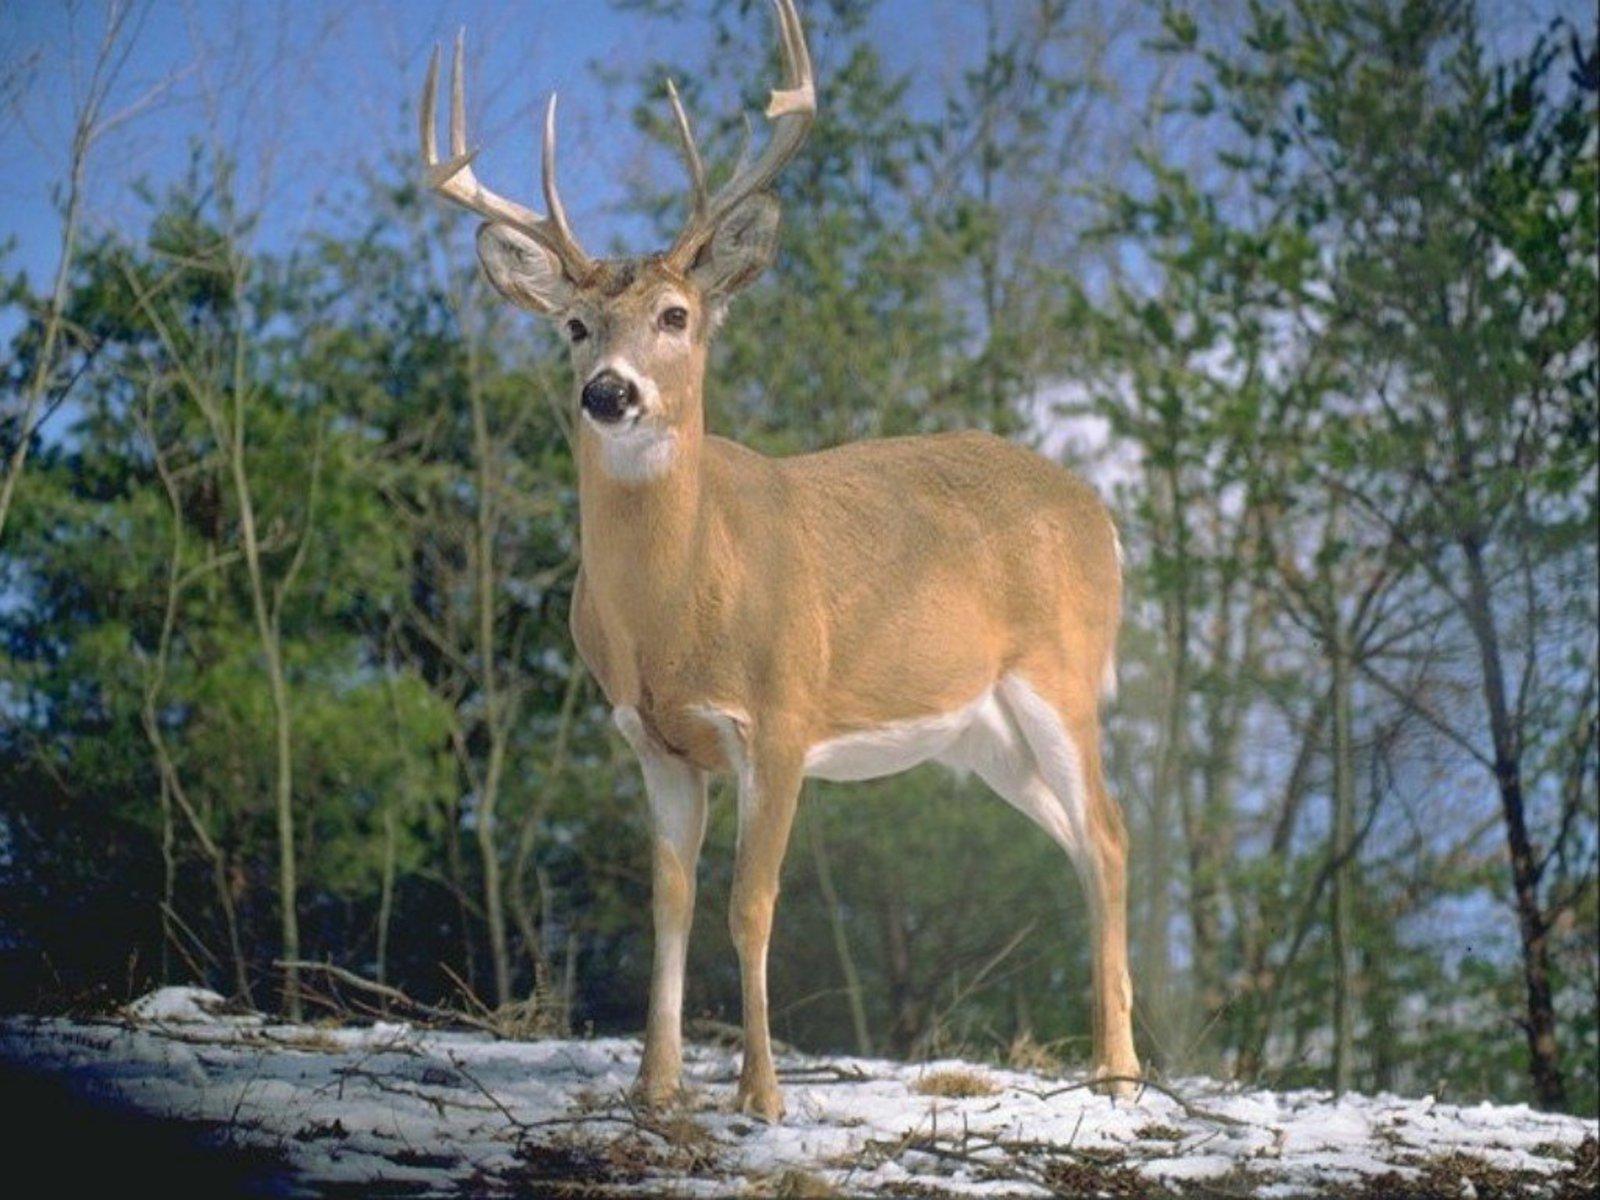 http://1.bp.blogspot.com/_EAViqbzwc_s/TN_RYTV02GI/AAAAAAAACCg/CVJTNIxvTH8/s1600/deer1.jpg